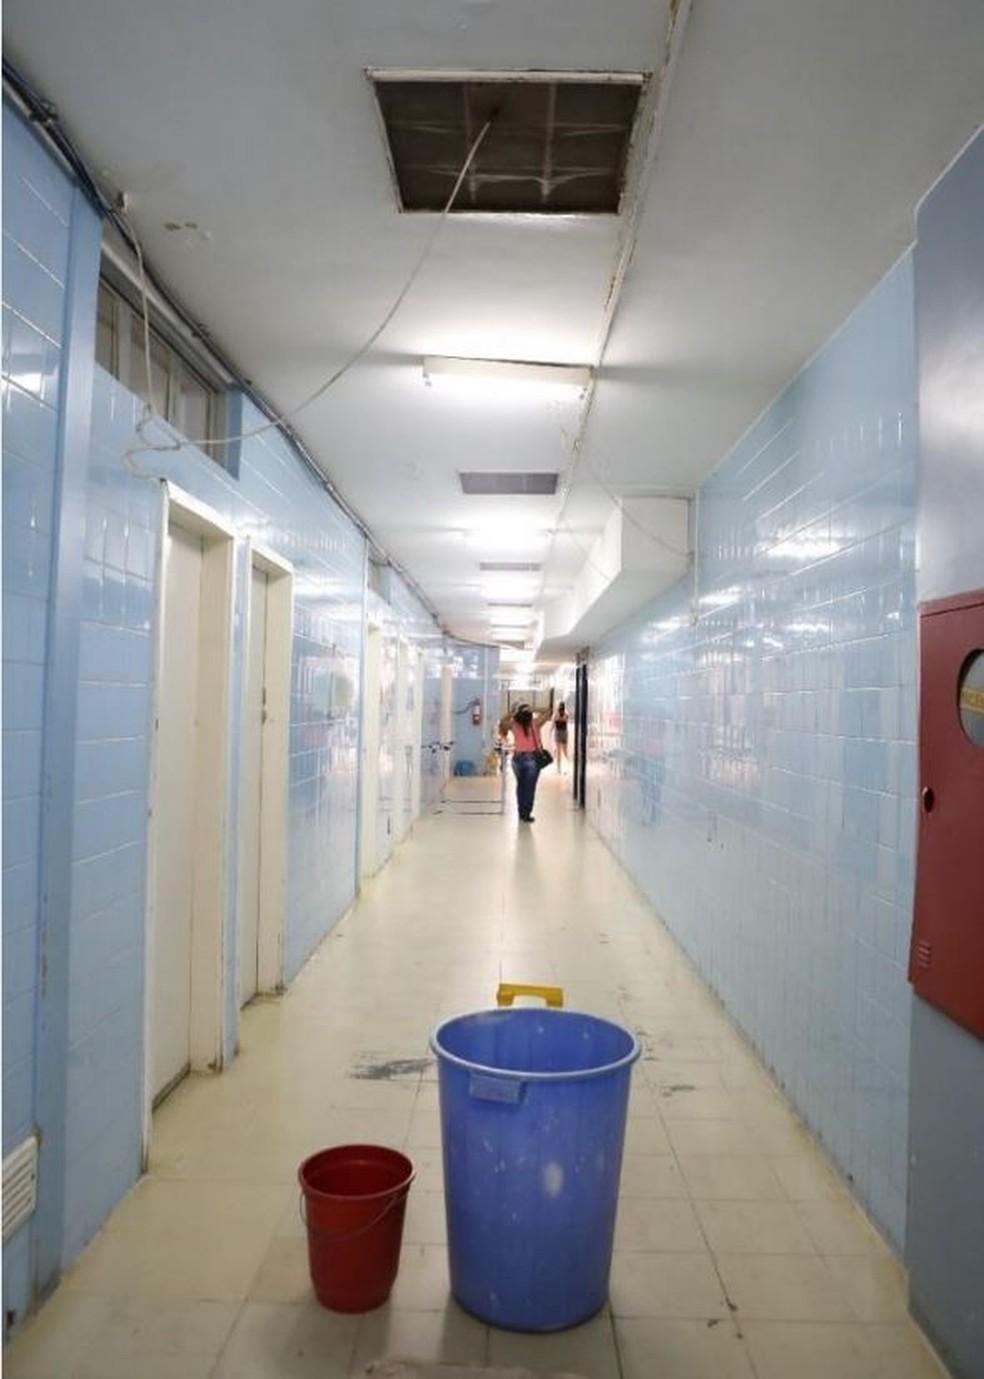 Telhado quebrado com goteiras no Hospital Regional de Planaltina — Foto: Reprodução